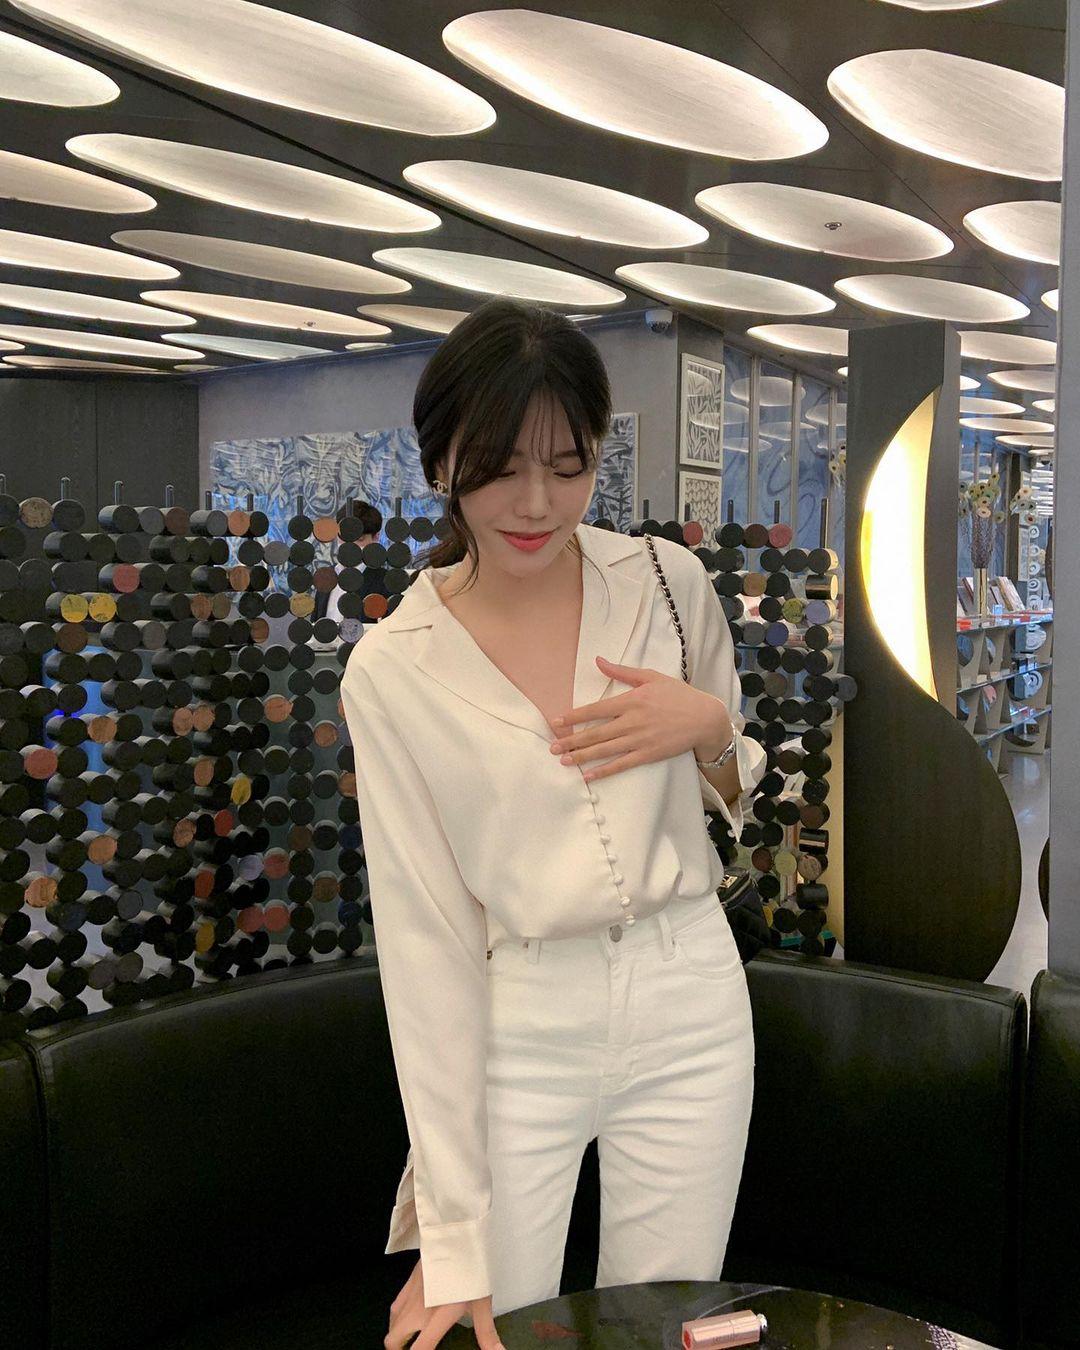 Gái Hàn có 12 cách lên đồ với áo blouse đẹp mê, xem xong là muốn copy đến sở làm liền - Ảnh 4.